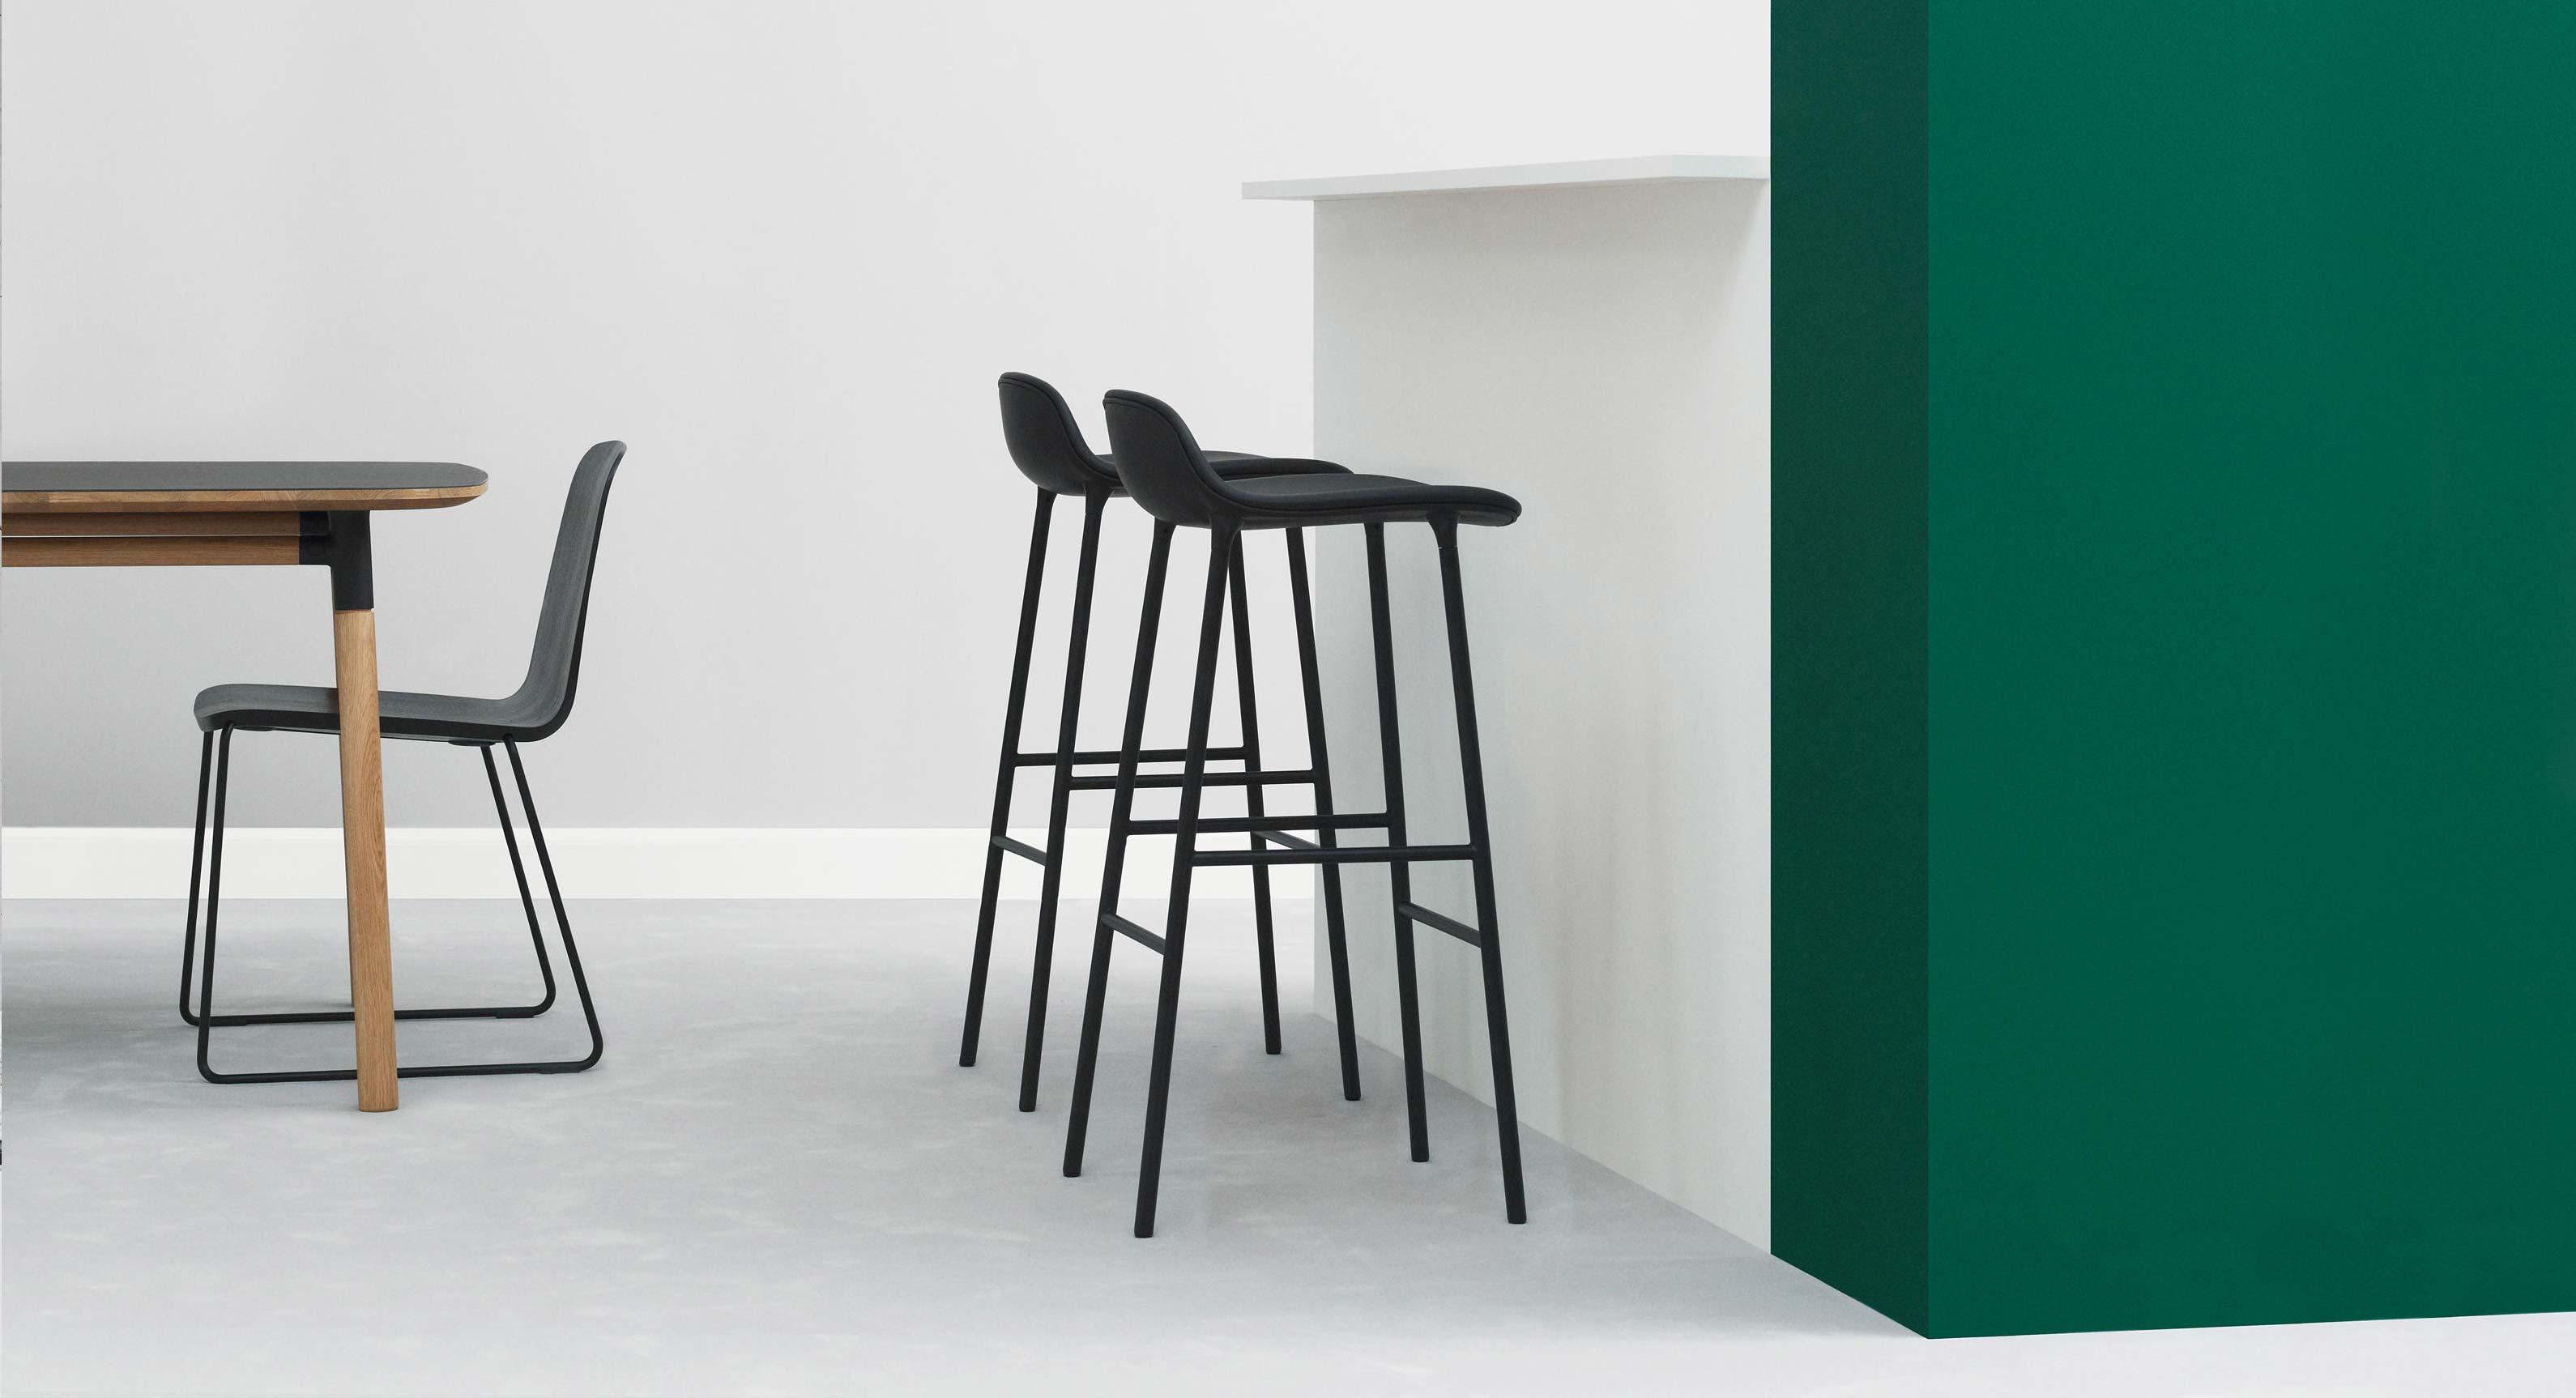 The Modern Scandinavian Design You Need From Normann Copenhagen